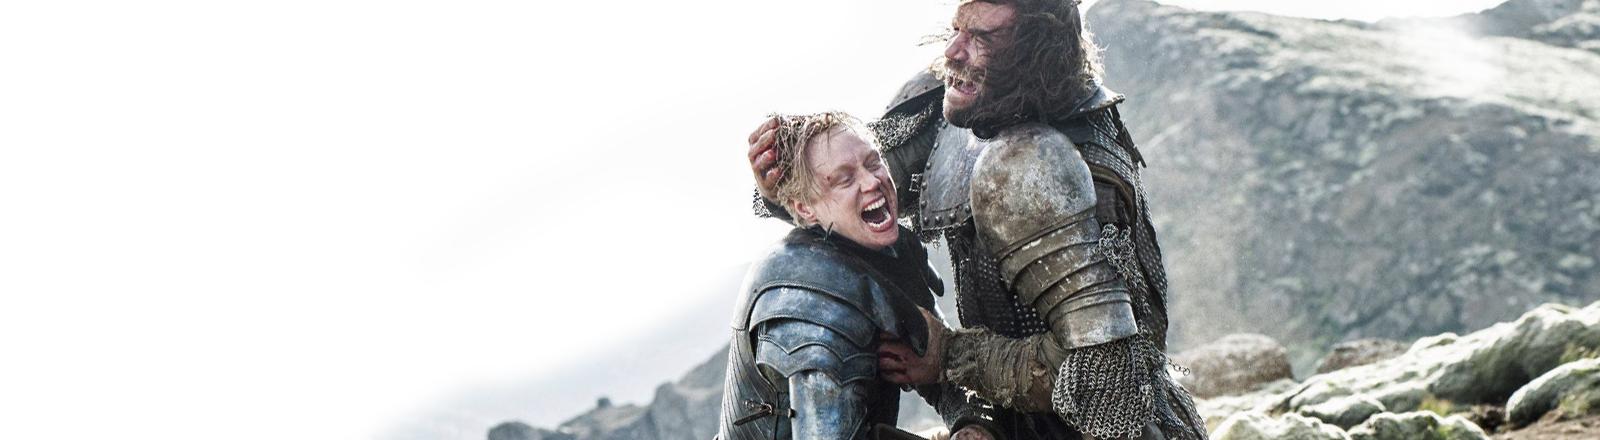 Szene aus Game of Thrones: Brienne von Tarth kämpft mit Sandor Clegane.